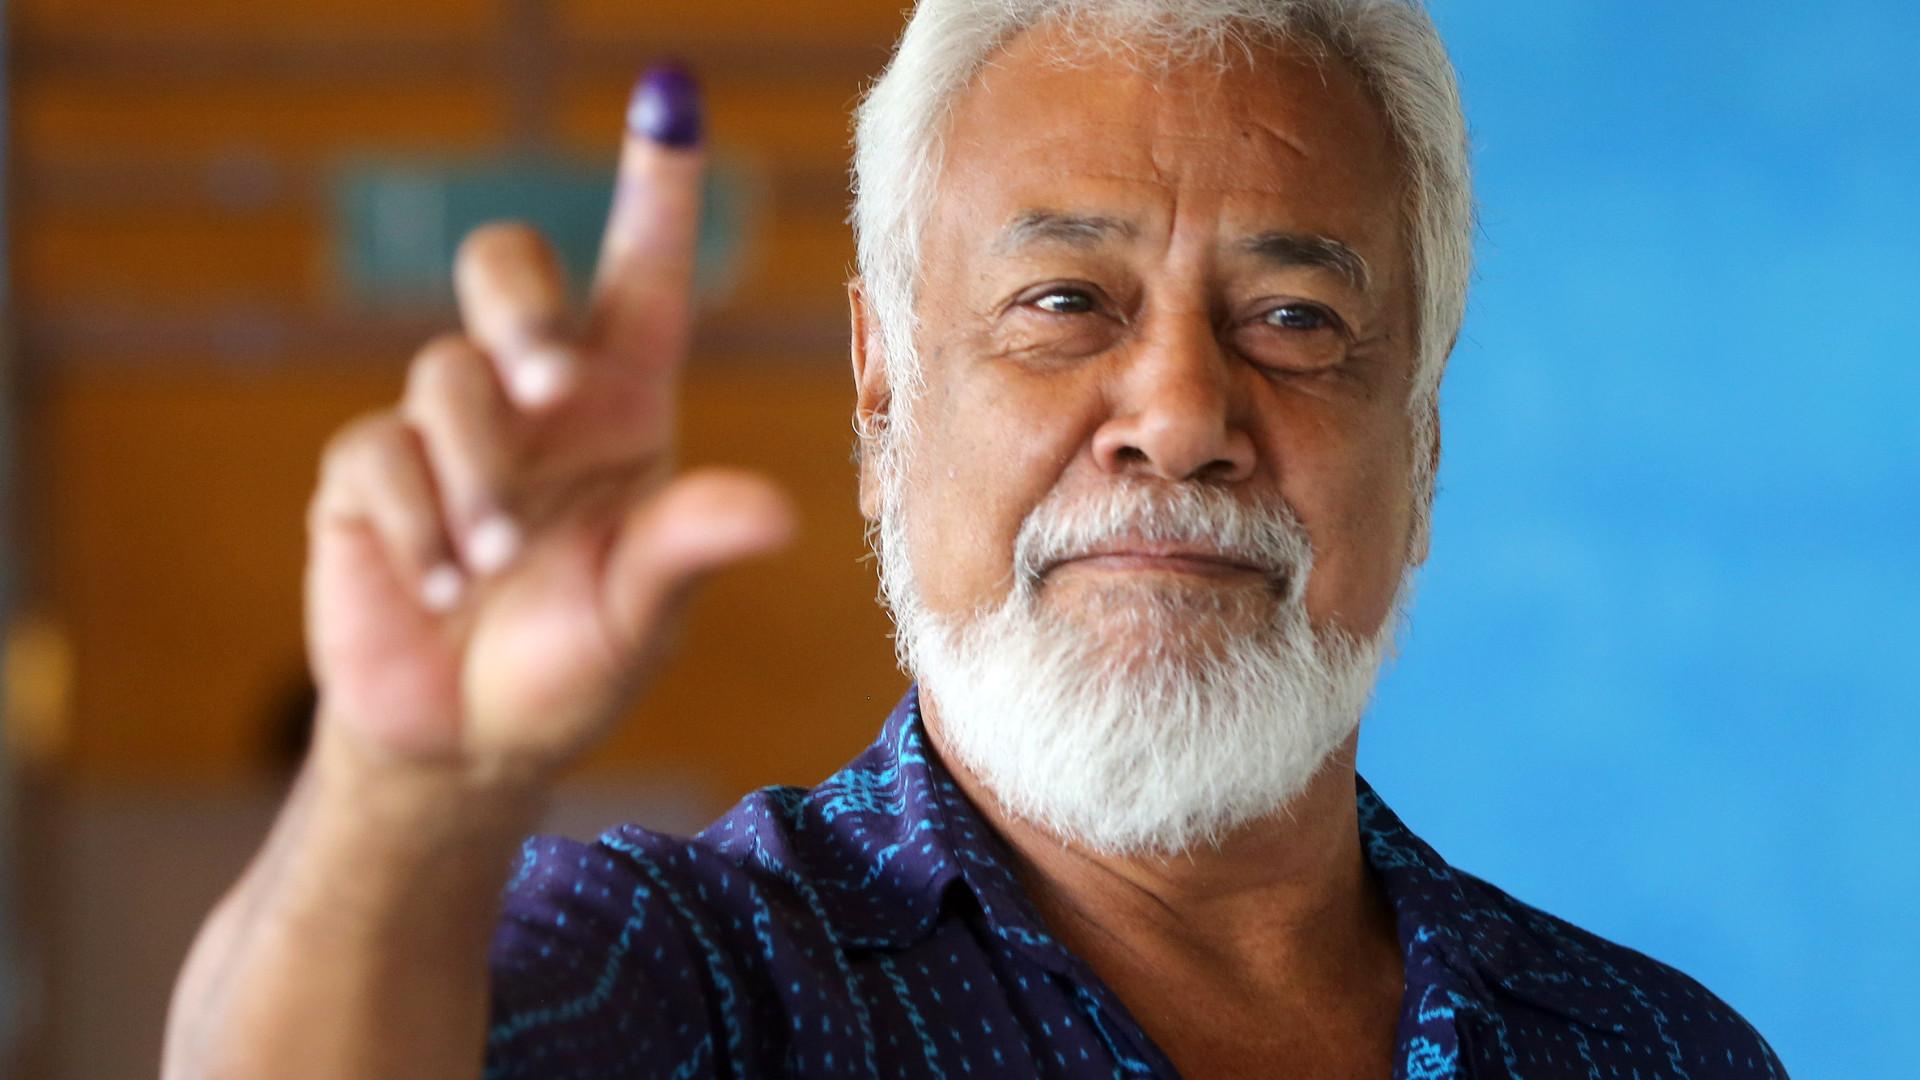 Apuramento nacional confirma vitória com maioria absoluta do AMP em Timor